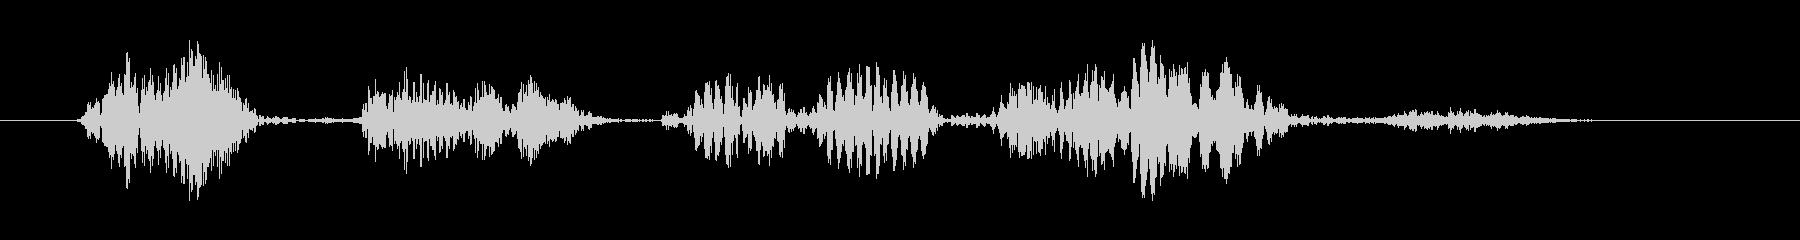 エイリアンの声:橋への報告の未再生の波形